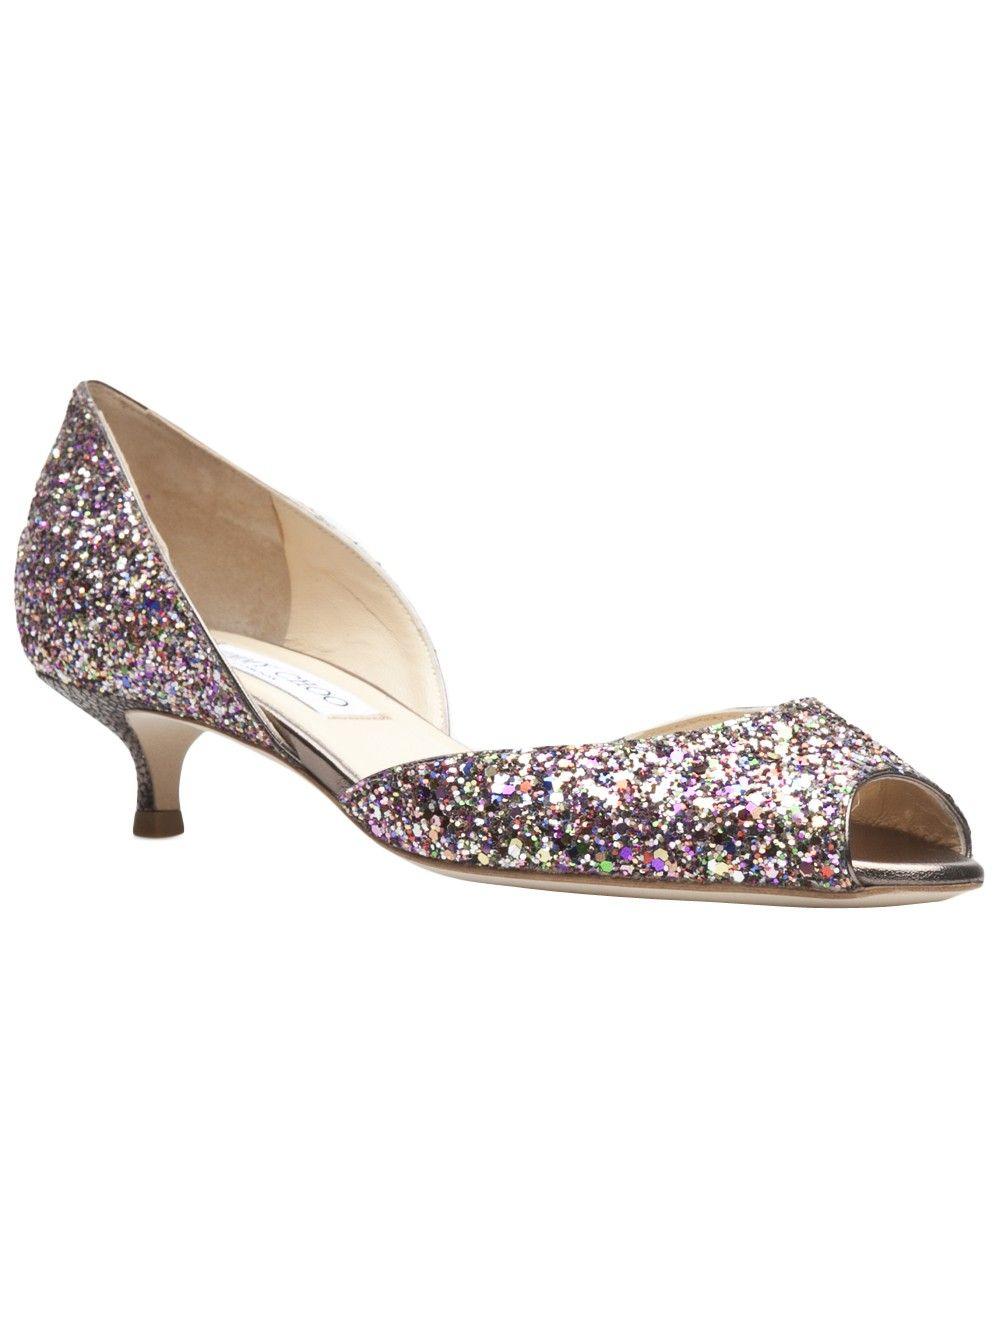 Jimmy Choo 'Lyon' Glitter Kitten Heel $550 http://roanshop.com ...